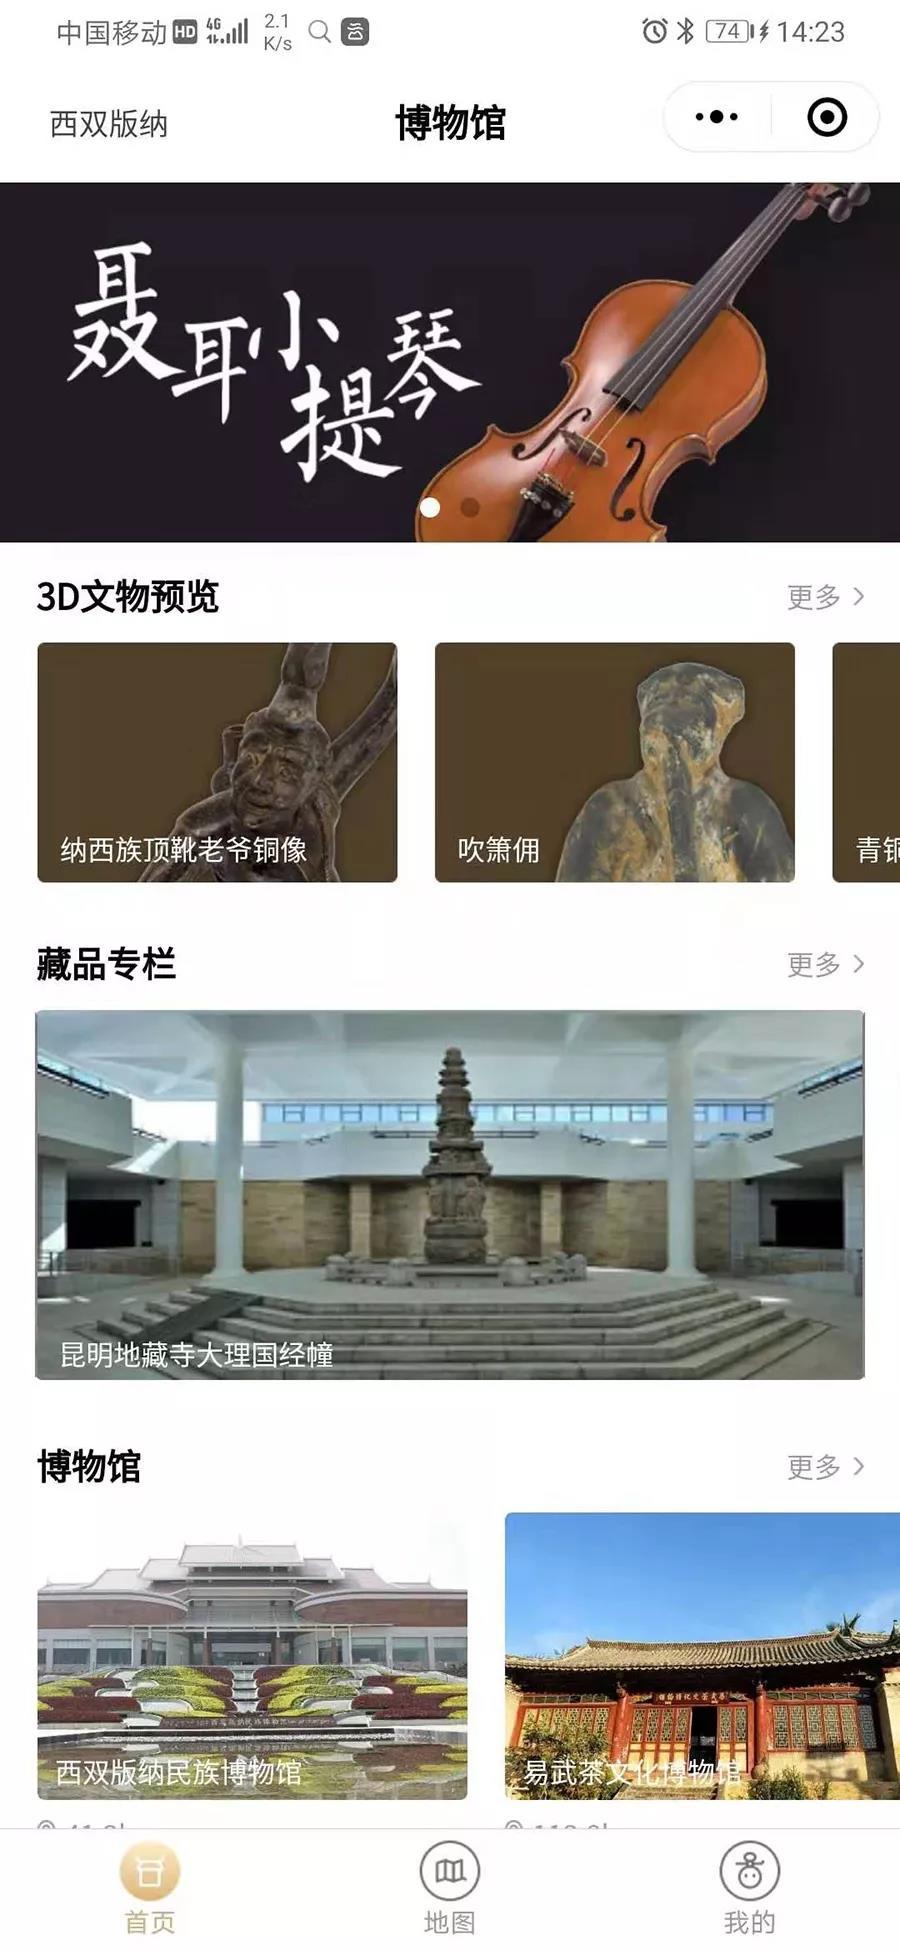 微信图片_20200102201155